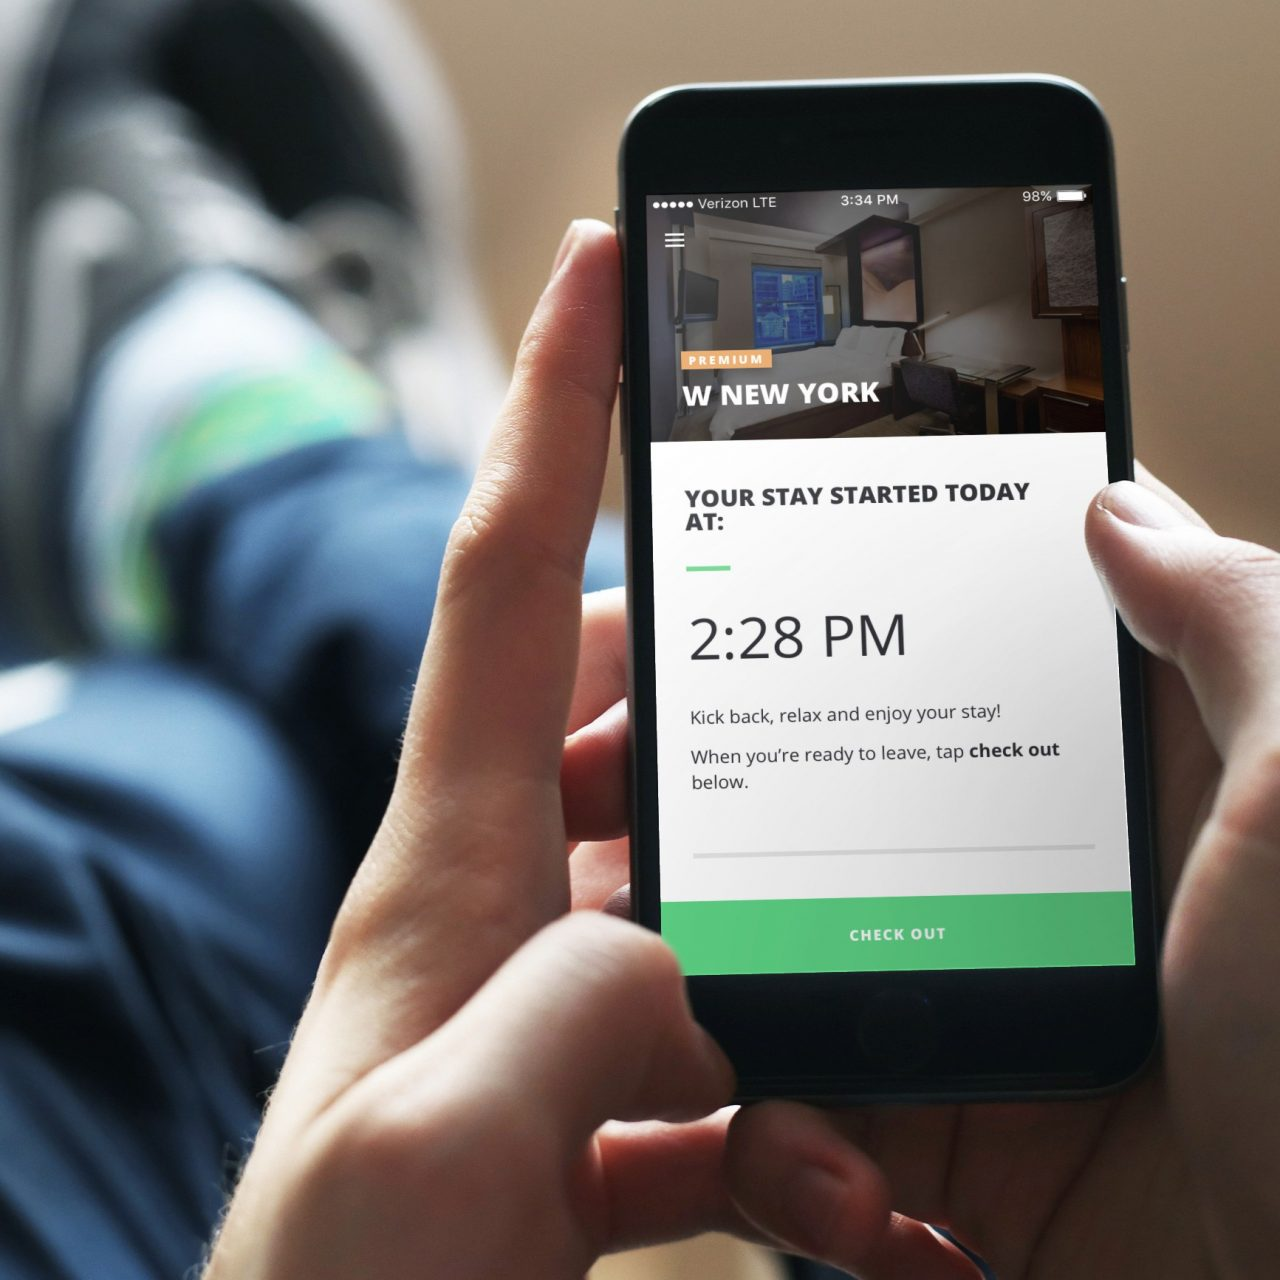 ¿Tu hotel no tiene app?, ya no inviertas en eso